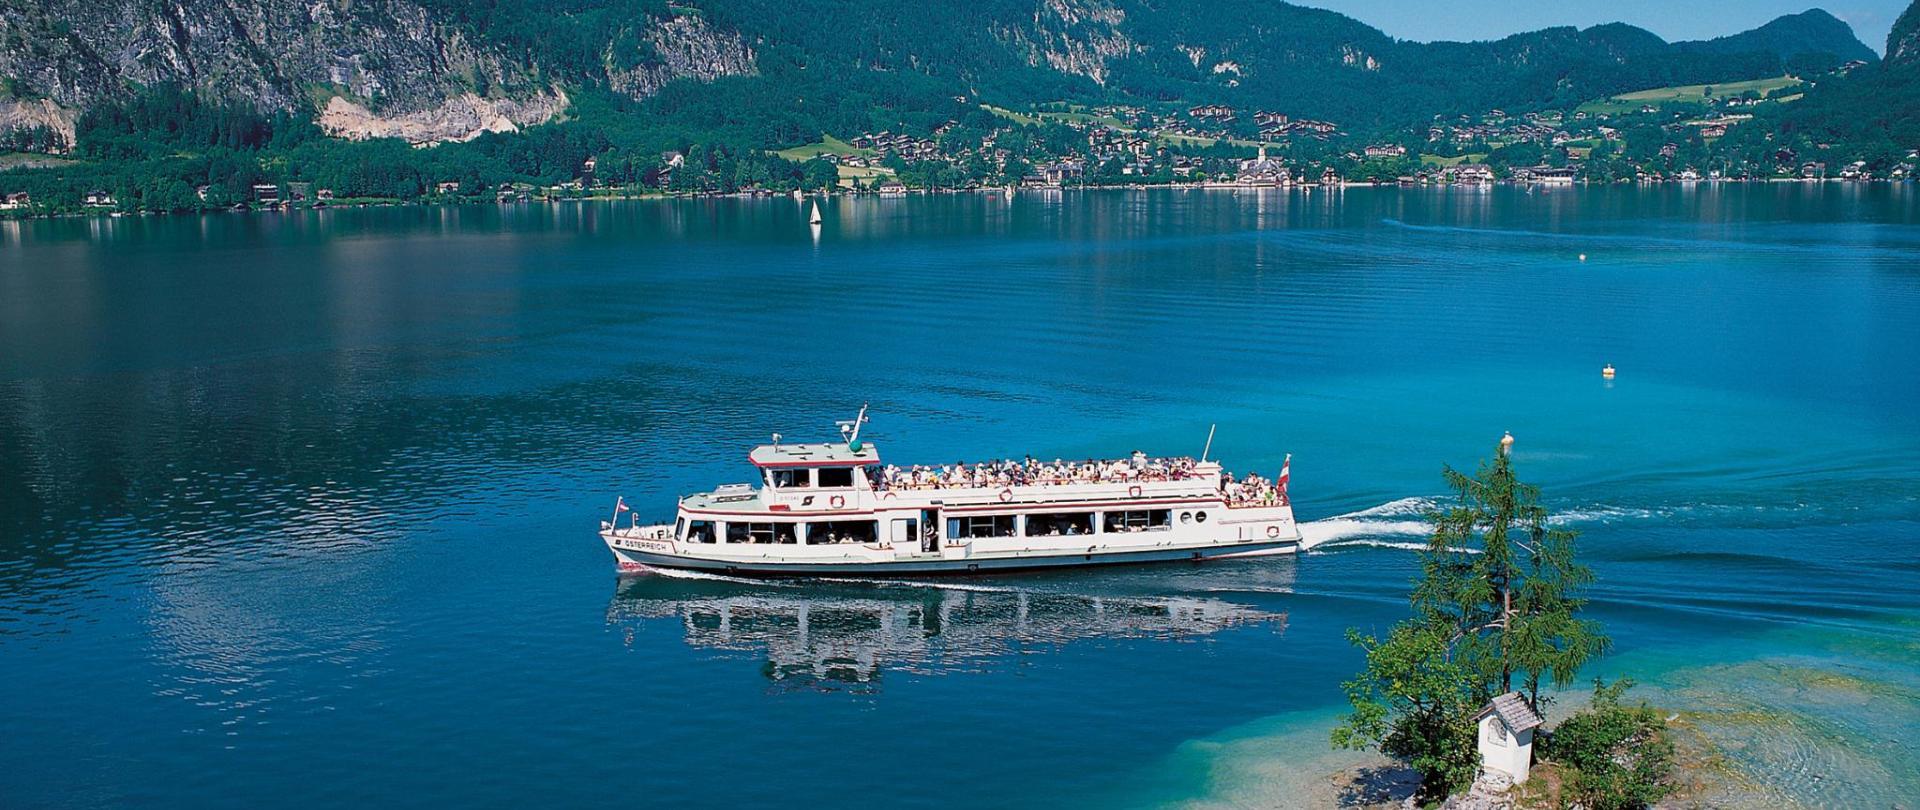 Schiff Ochsenkreuz.jpeg